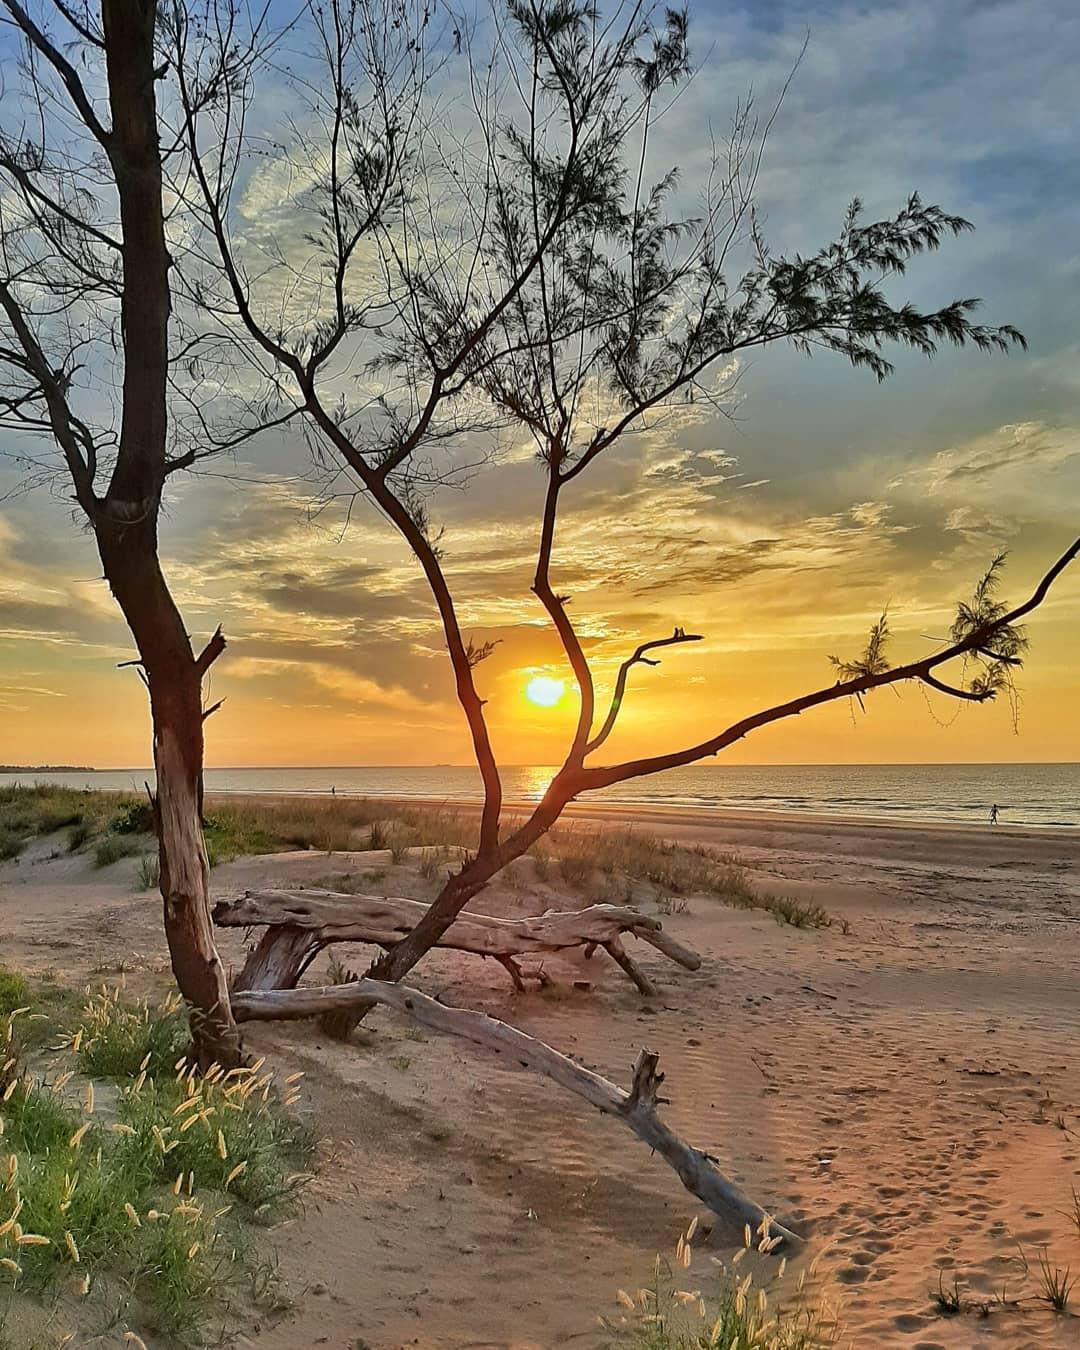 Tegen de zon in fotograferen hier levert het een mooi plaatje op - Beste reisfoto